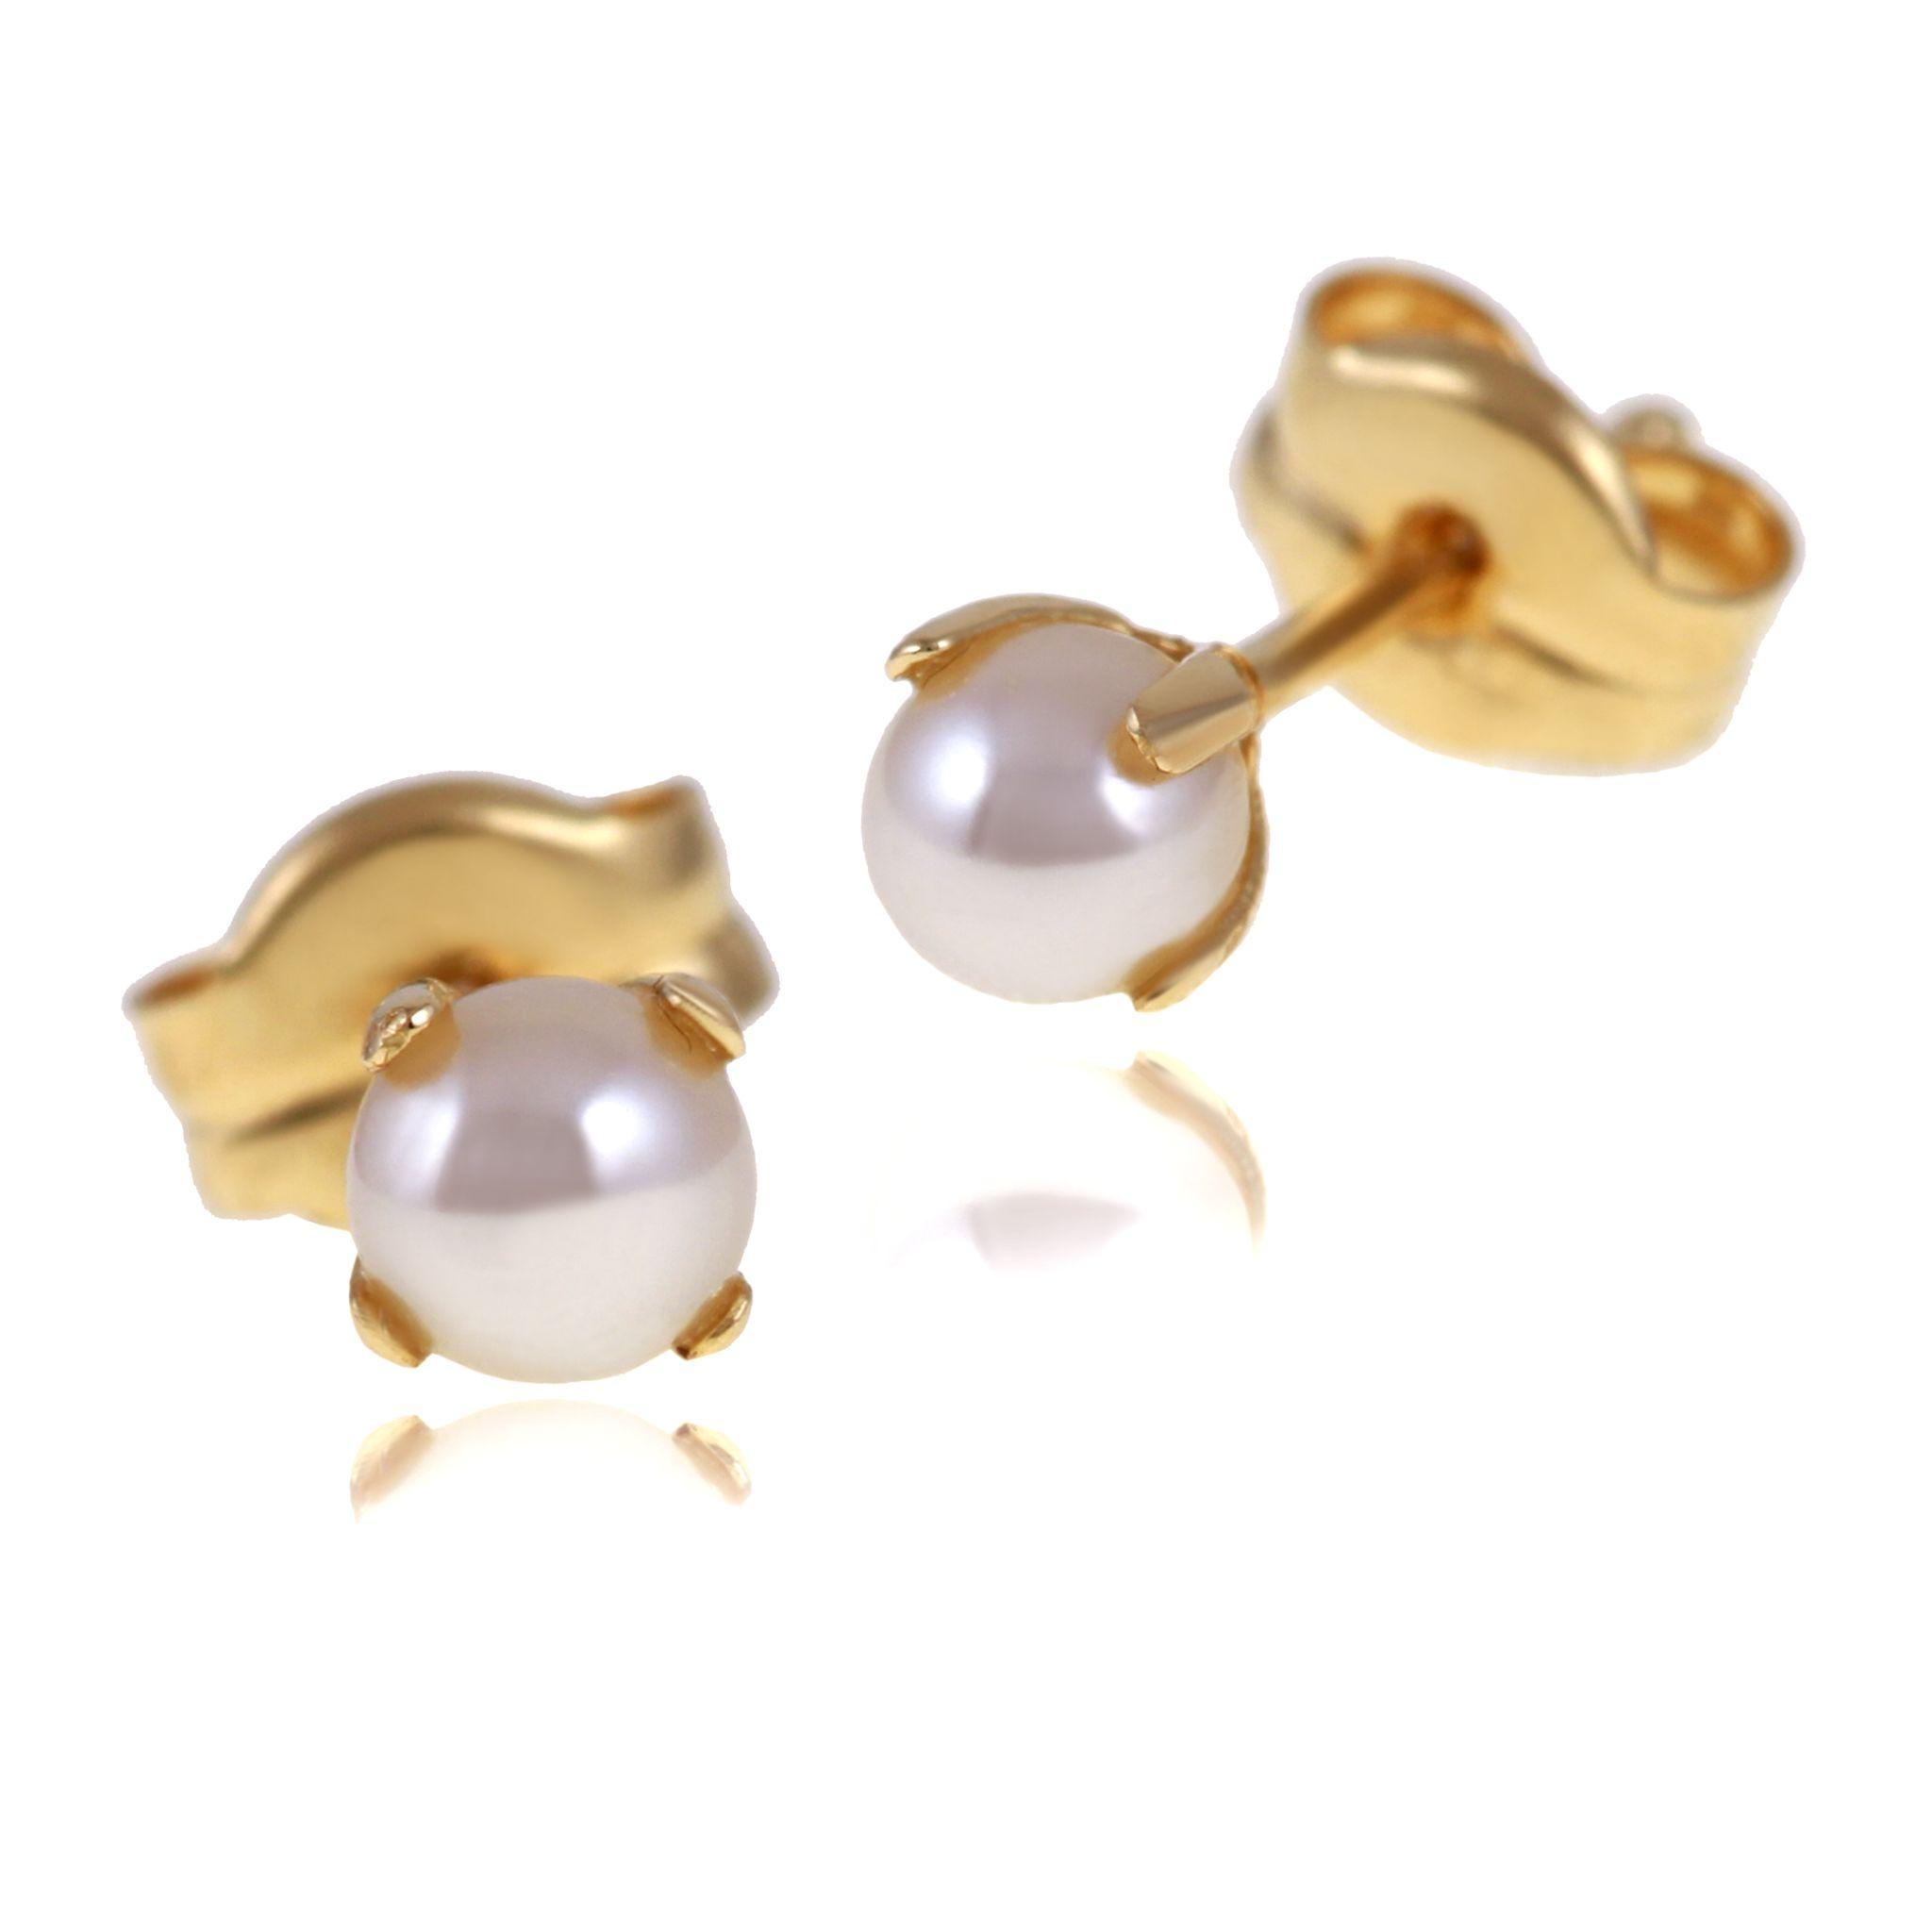 Boucle d'oreille perle de culture leclerc